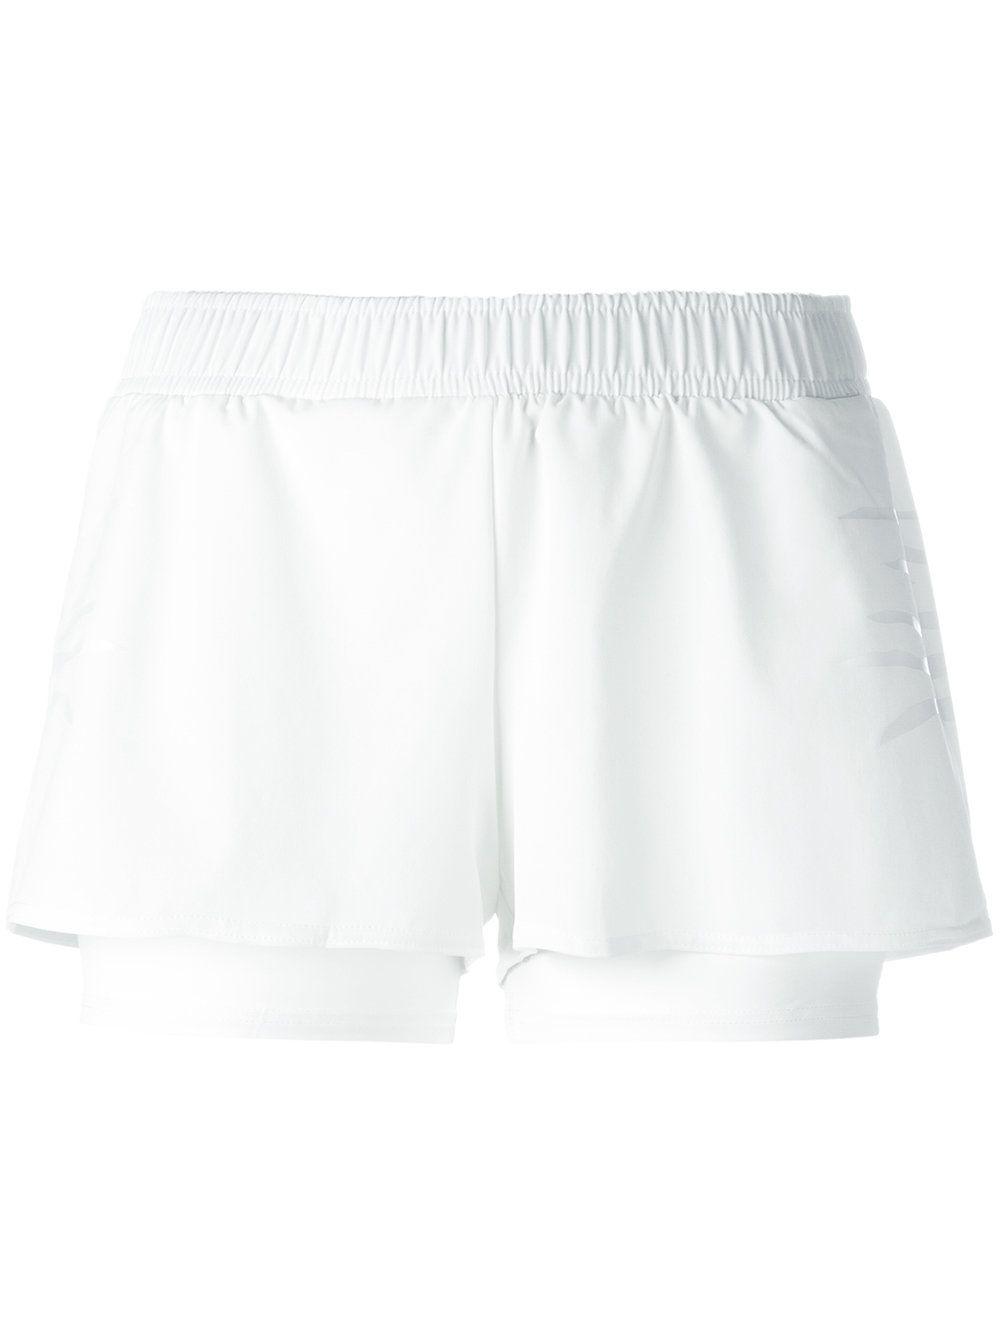 Shorts 2 Em 1 adidas Stella Mccartney Running Fitness Festas